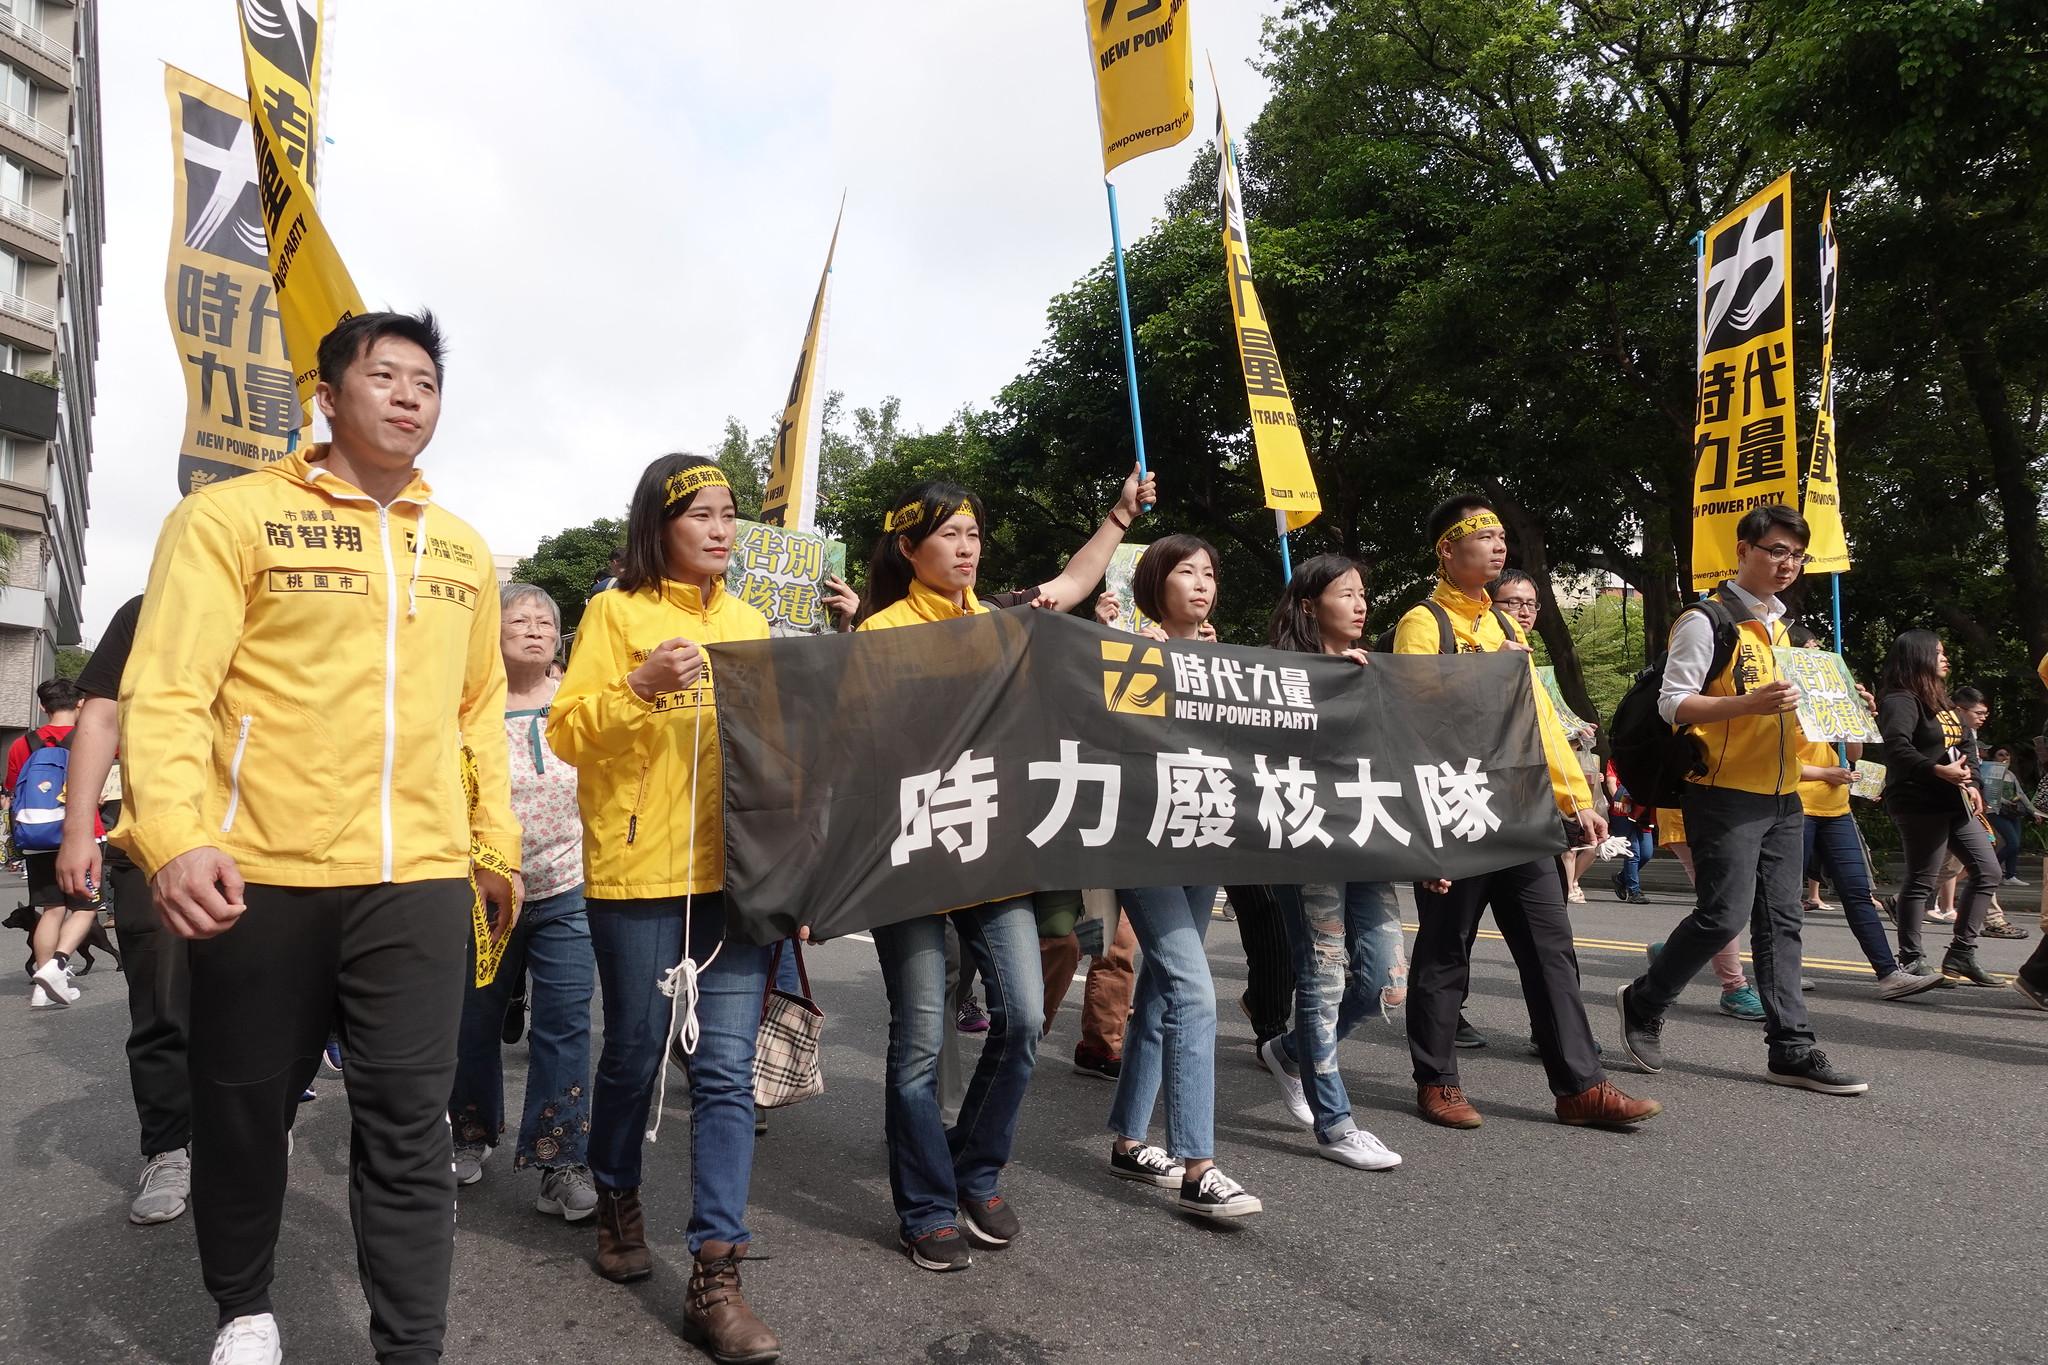 今年有許多政黨參與遊行,圖為時代力量的隊伍。(攝影:張智琦)